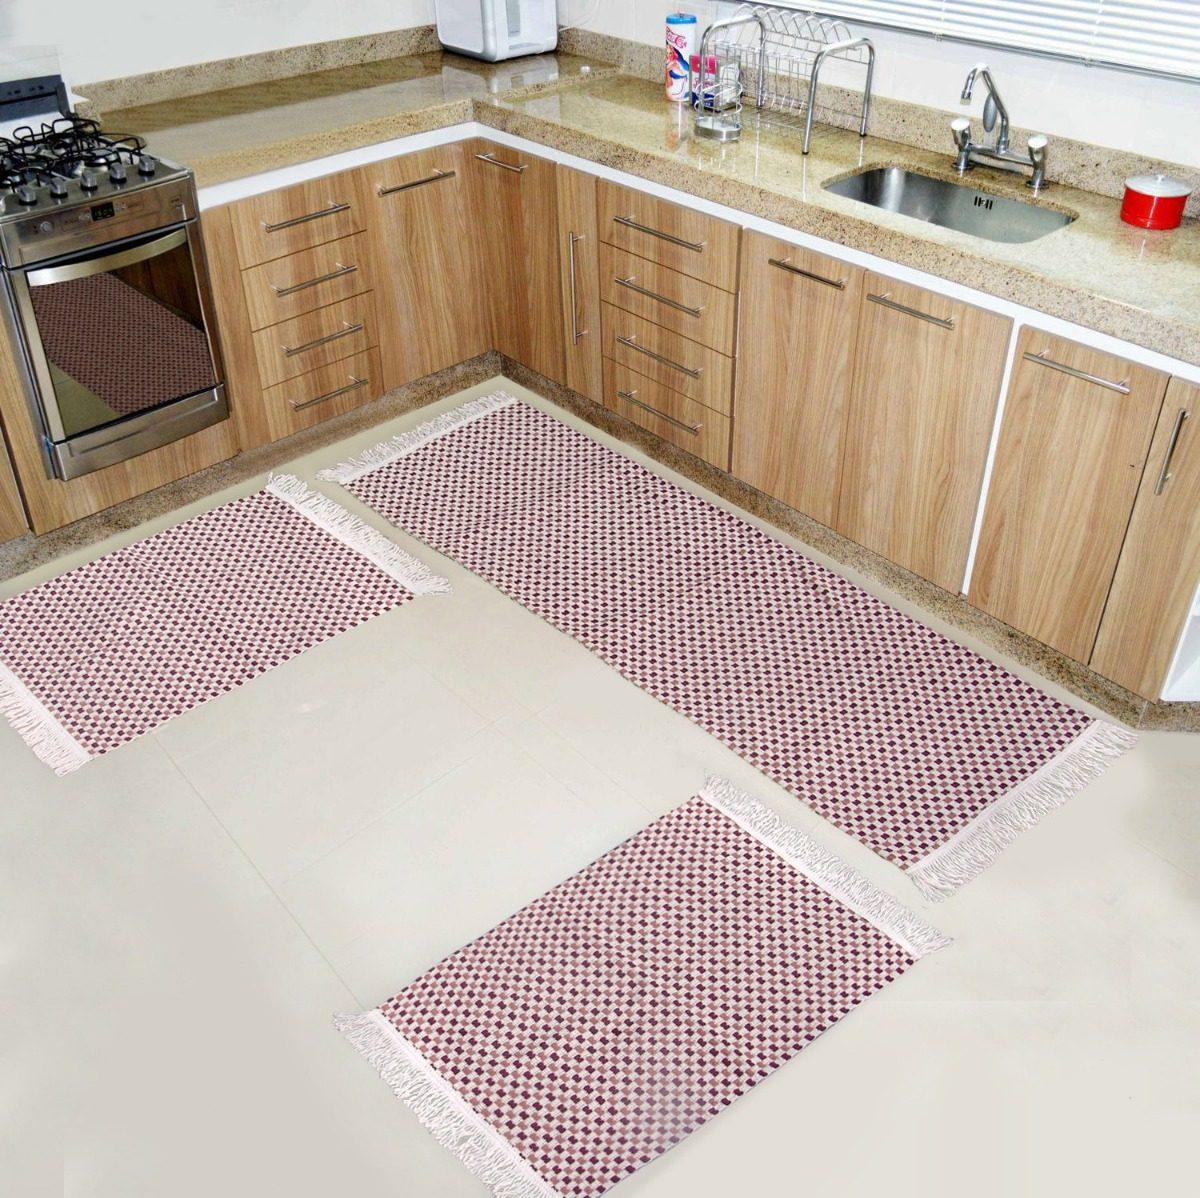 Tapete Passadeira Sala Cozinha Corredor Capacho 3 P S Vinho R 120  -> Tapete De Sala Vinho